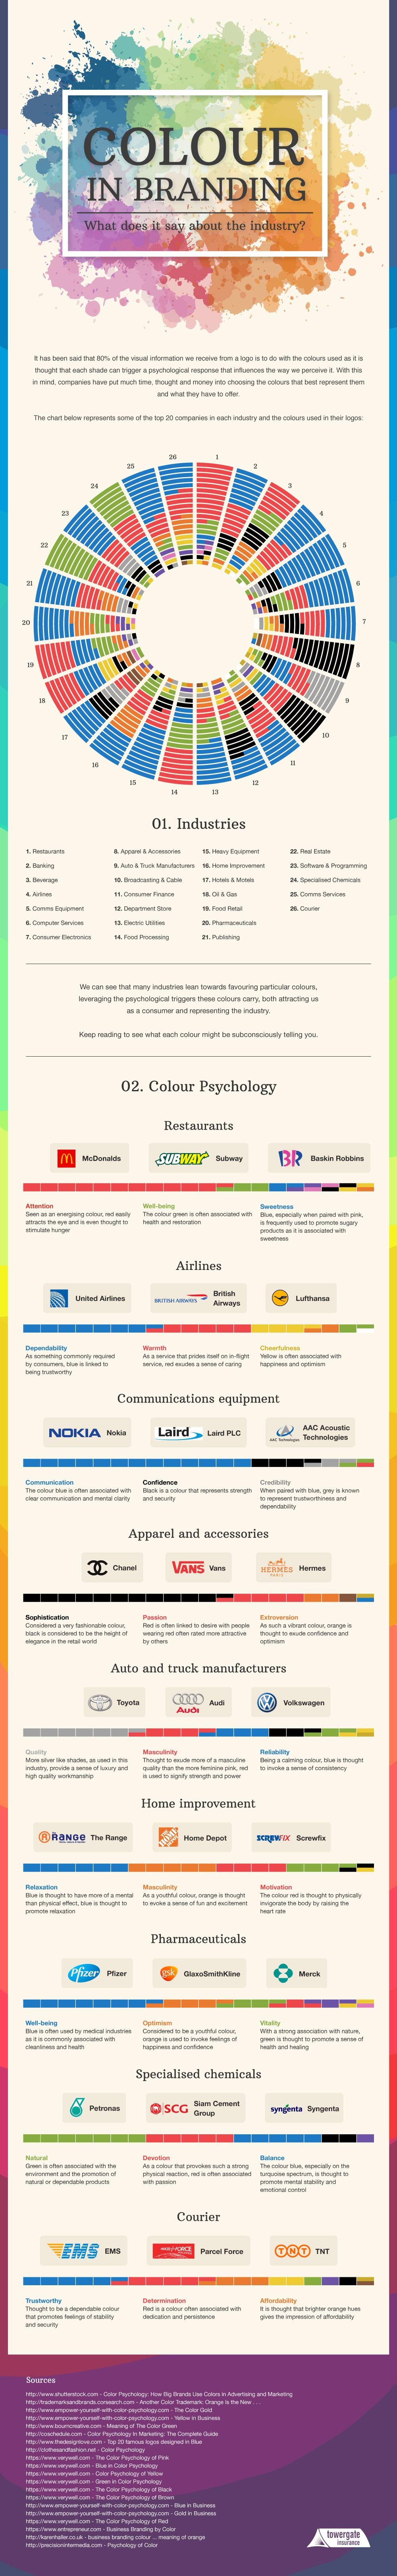 infografika barve in blagovne znamke